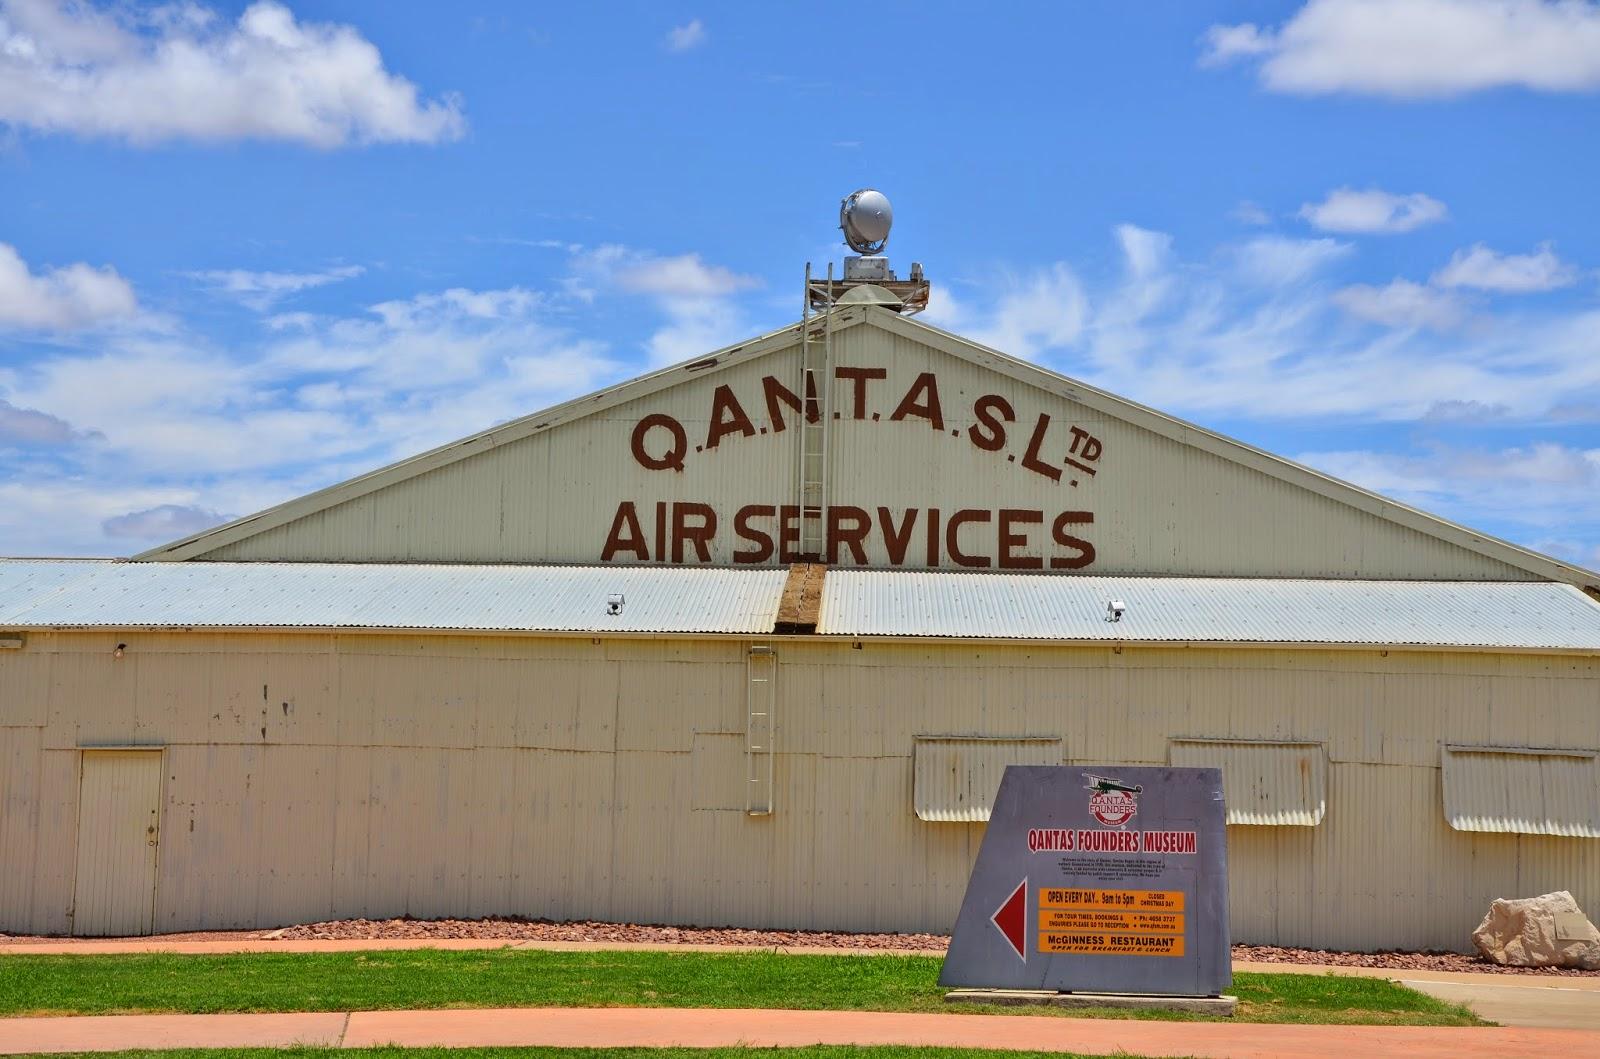 QANTAS Founders Museum Queensland Australia